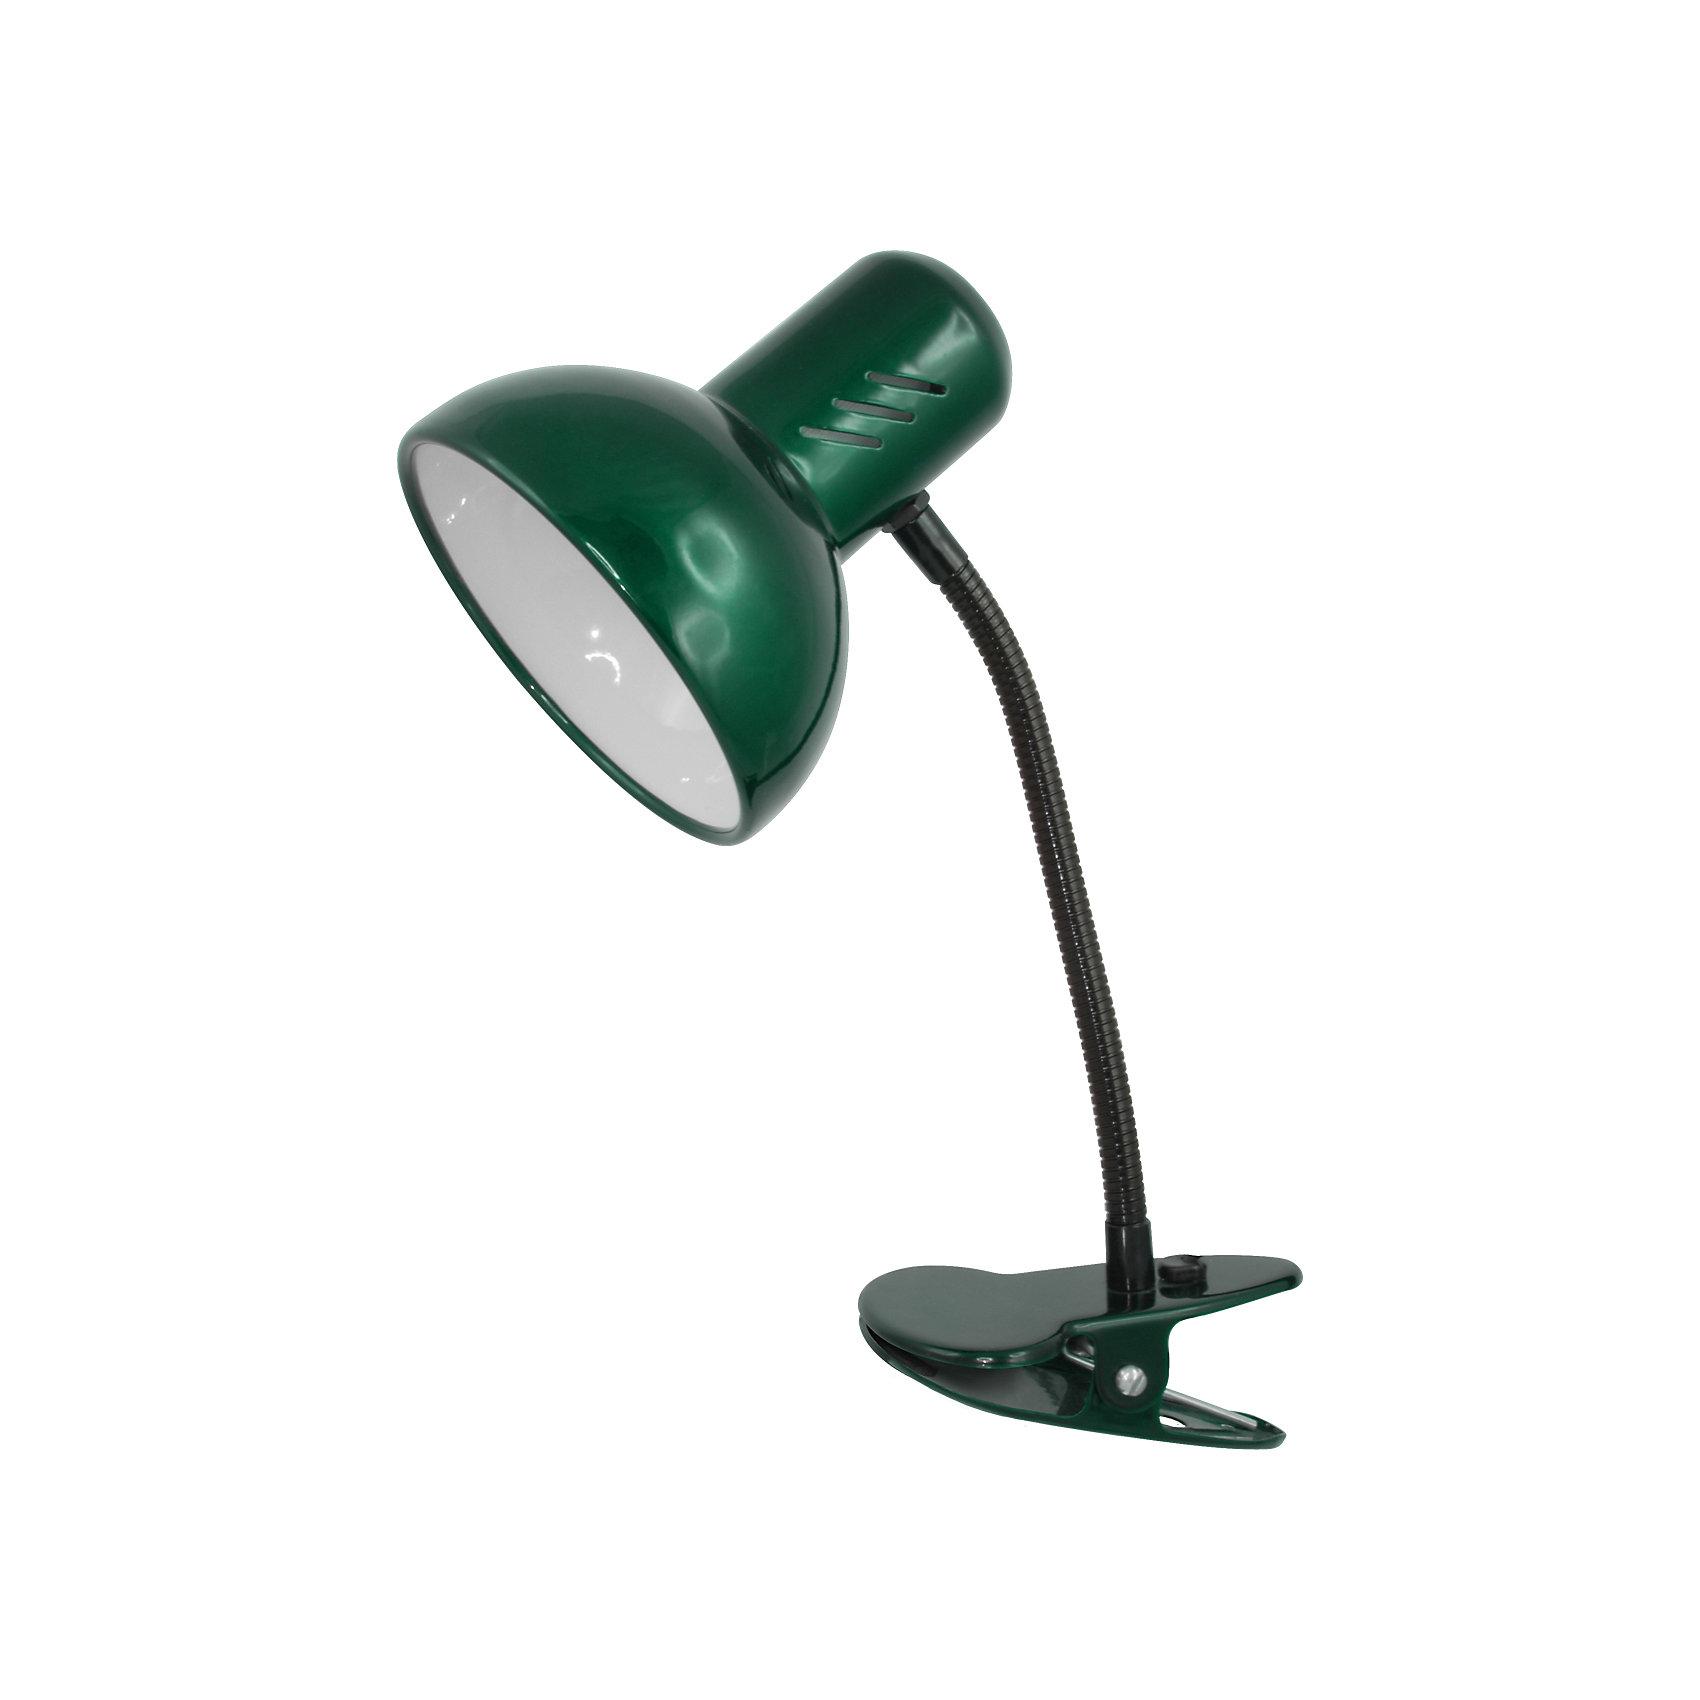 Зеленый перламутровый светильник, 40 ВтДетские предметы интерьера<br>Зеленый перламутровый светильник, 40 Вт – это классический светильник для освещения рабочего стола.<br>Зеленый перламутровый светильник классического дизайна идеально подойдет для освещения рабочего места дома и в офисе. Светильник крепиться с помощью зажима-прищепки. Плафон изготовлен из облегчённого металла, покрыт специальной устойчивой эмалью. Патрон светильника прочно закреплён, изготовлен из керамики. Сетевой шнур с вилкой длиной 1,8м. имеет двойную изоляцию, не требует заземления. Вилка изготовлена из пластичного материала, предотвращающего появление трещин. Светильник удобен и практичен в использовании.<br><br>Дополнительная информация: <br><br>- Материал плафона: металл<br>- Цвет: зеленый перламутровый<br>- Питание: от сети 220В<br>- Тип цоколя: E27<br>- Мощность лампы: 40 Вт<br>- Длина шнура питания с вилкой: 1,8 м.<br>- Размер светильника: 17х22,5х12,5 см.<br>- Размер упаковки: 24х16х14 см.<br>- Вес: 642 гр.<br><br>Зеленый перламутровый светильник, 40 Вт можно купить в нашем интернет-магазине.<br><br>Ширина мм: 240<br>Глубина мм: 160<br>Высота мм: 140<br>Вес г: 642<br>Возраст от месяцев: 36<br>Возраст до месяцев: 192<br>Пол: Унисекс<br>Возраст: Детский<br>SKU: 4641472